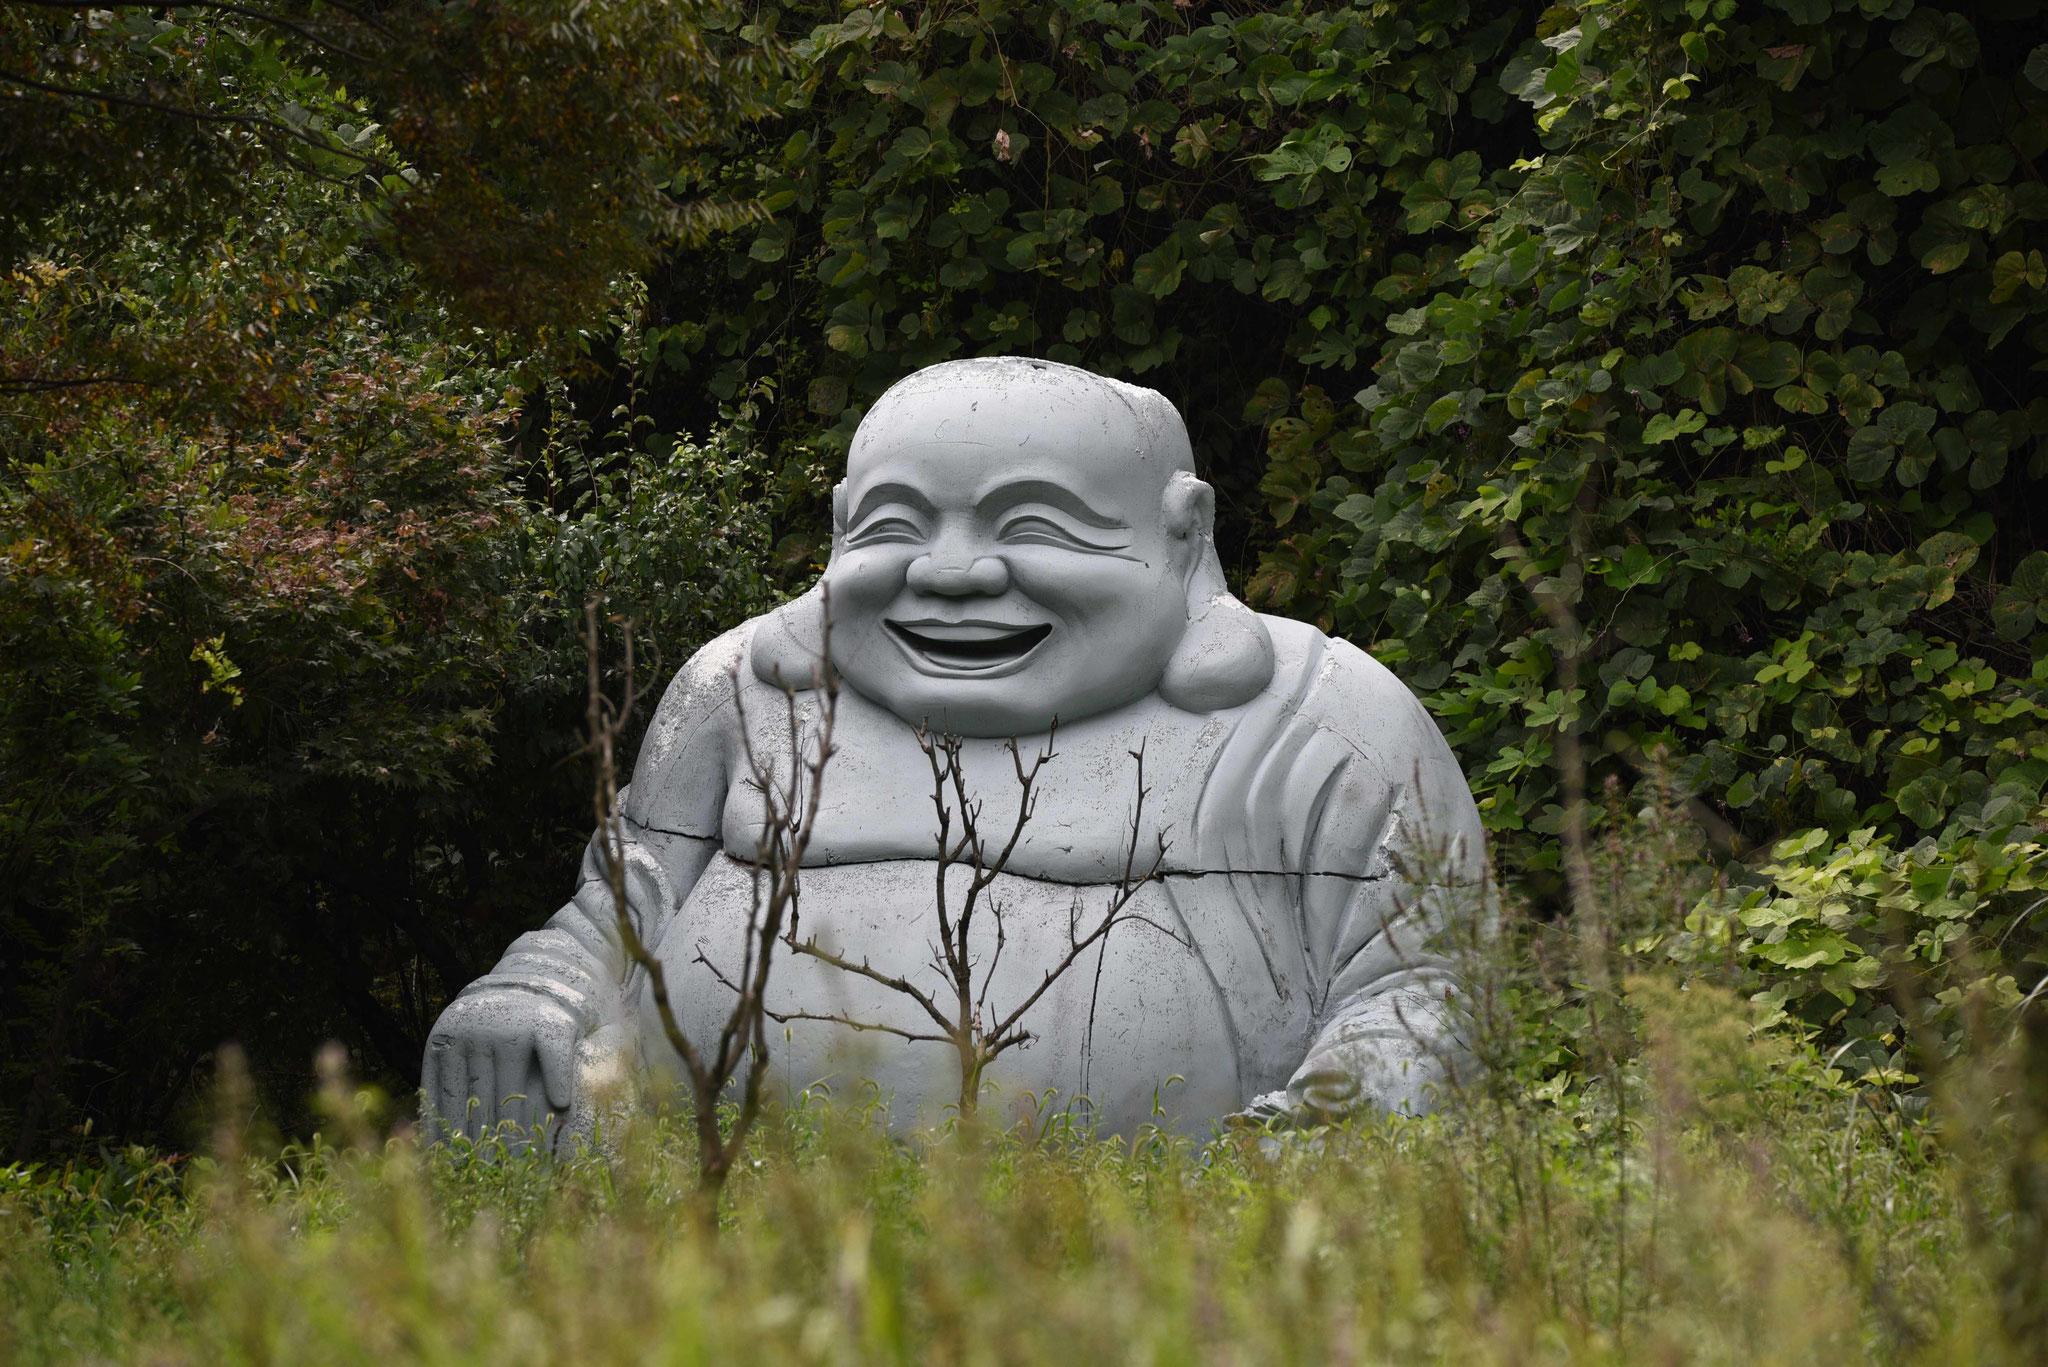 Buddastatue - das Lächeln steckt an